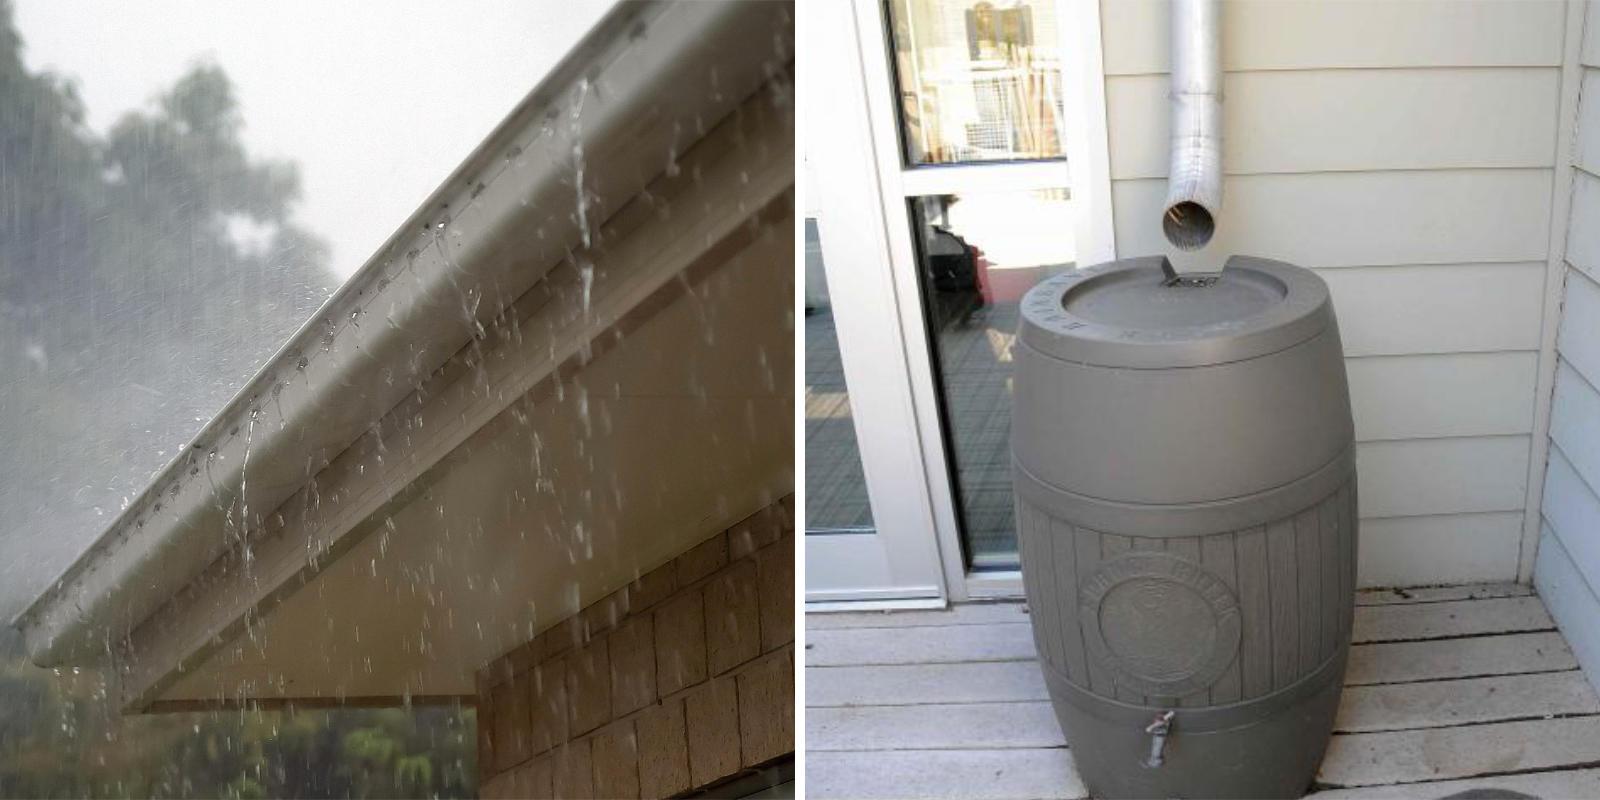 regenwater overlast voorkomen